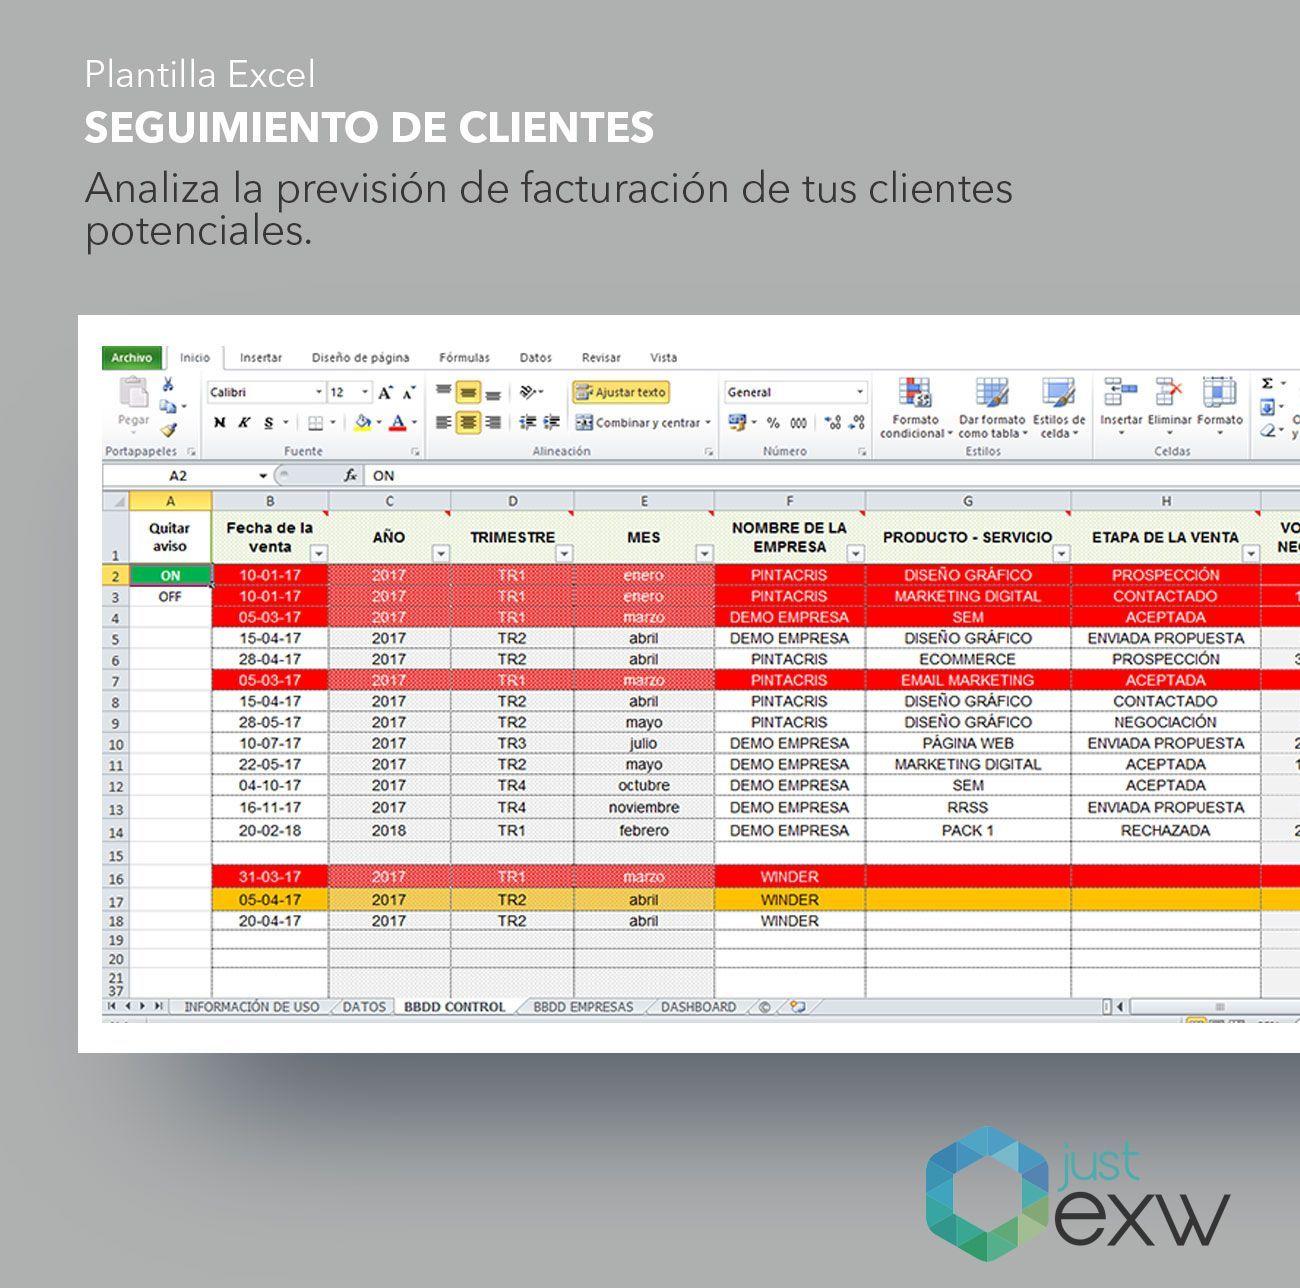 Plantilla seguimiento de clientes en Excel